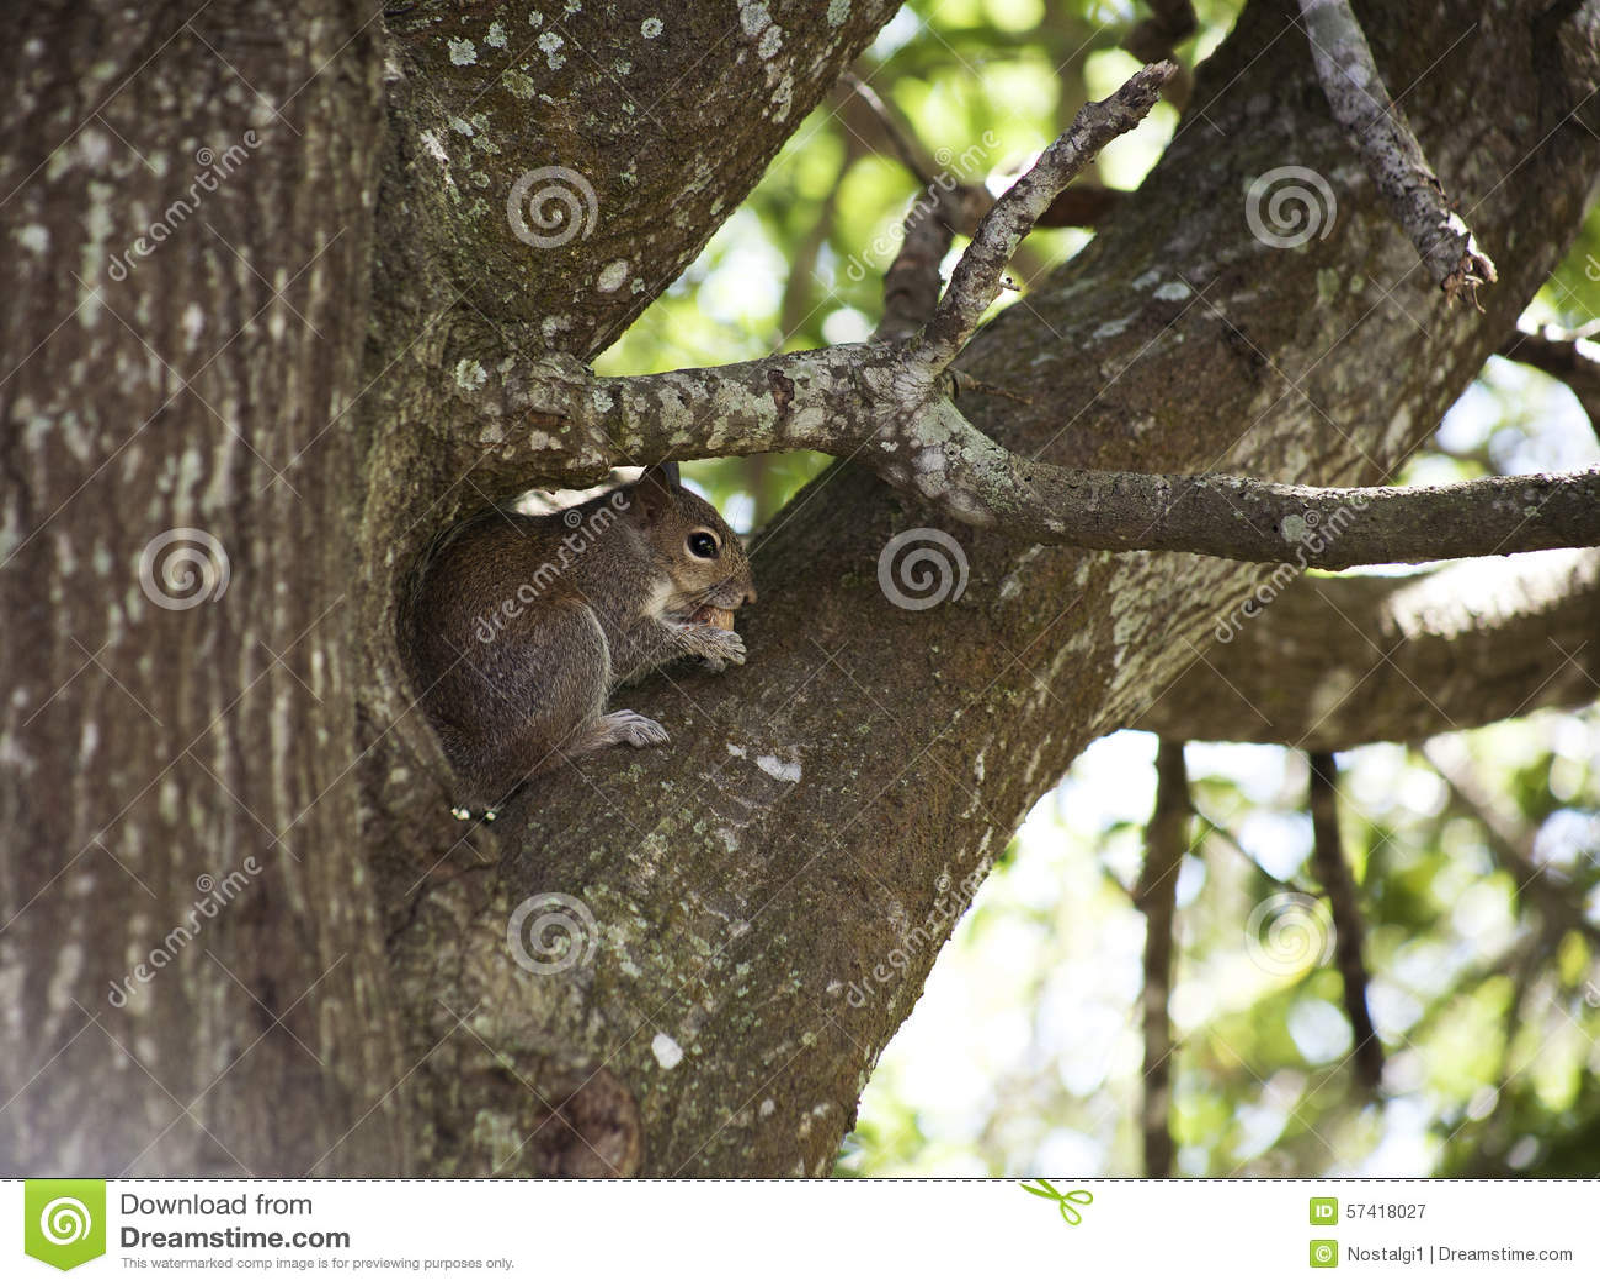 Close-up die van leuke grijze eekhoorn die pinda eten, op een boomtak zitten